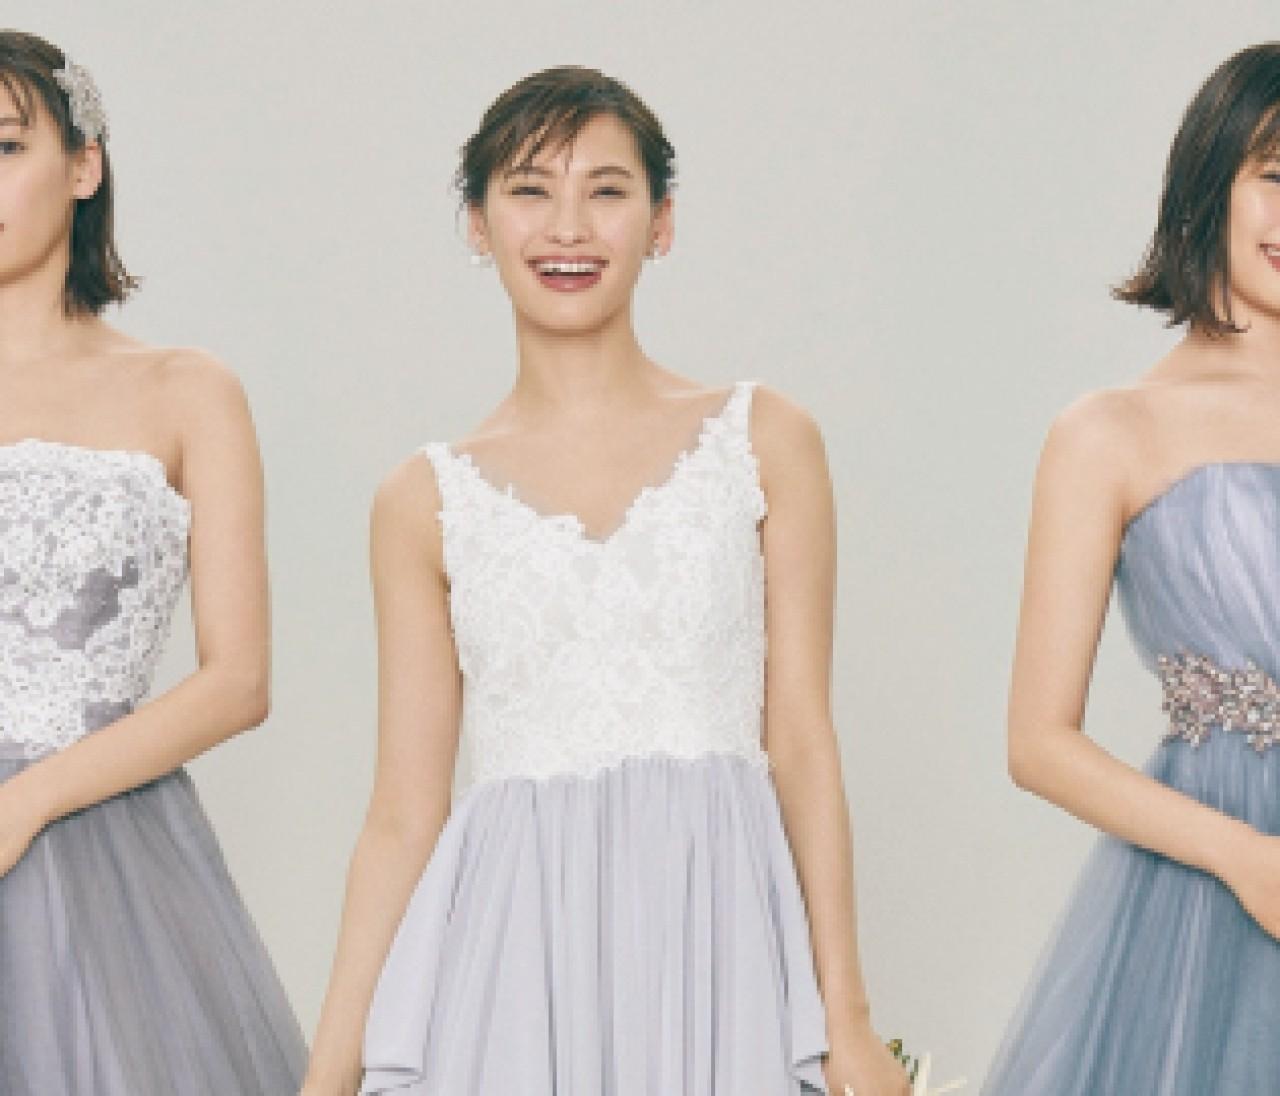 洗練されたしゃれ感グレーのウェディングドレス【10年先も美しいニュアンスカラードレス④】